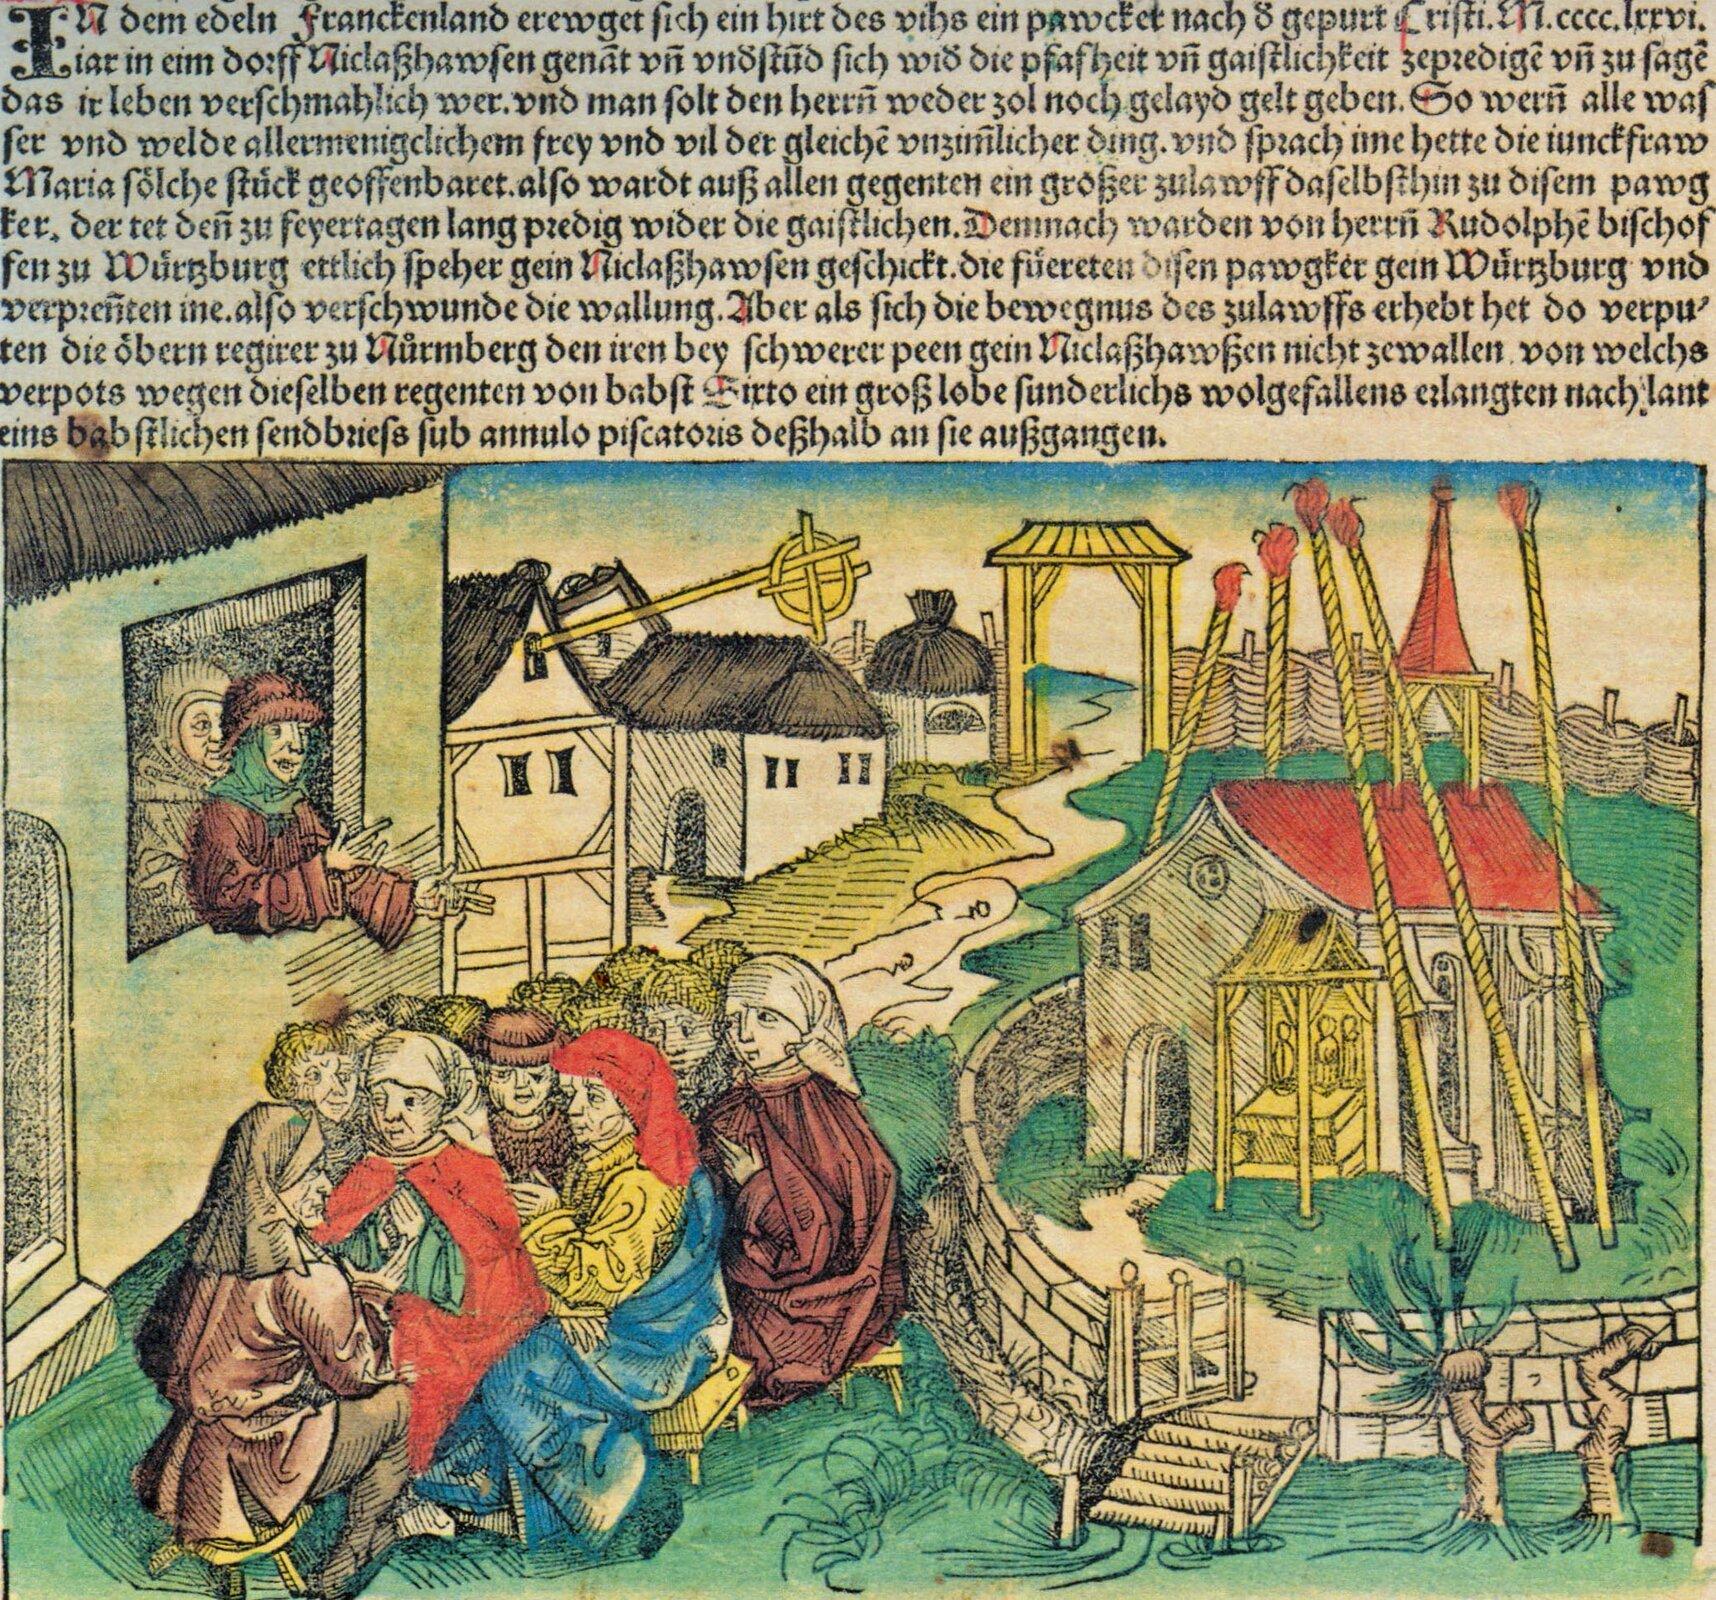 Kazanie wNiklashausen Źródło: Hartmann Schedel, Kazanie wNiklashausen, 1493, domena publiczna.